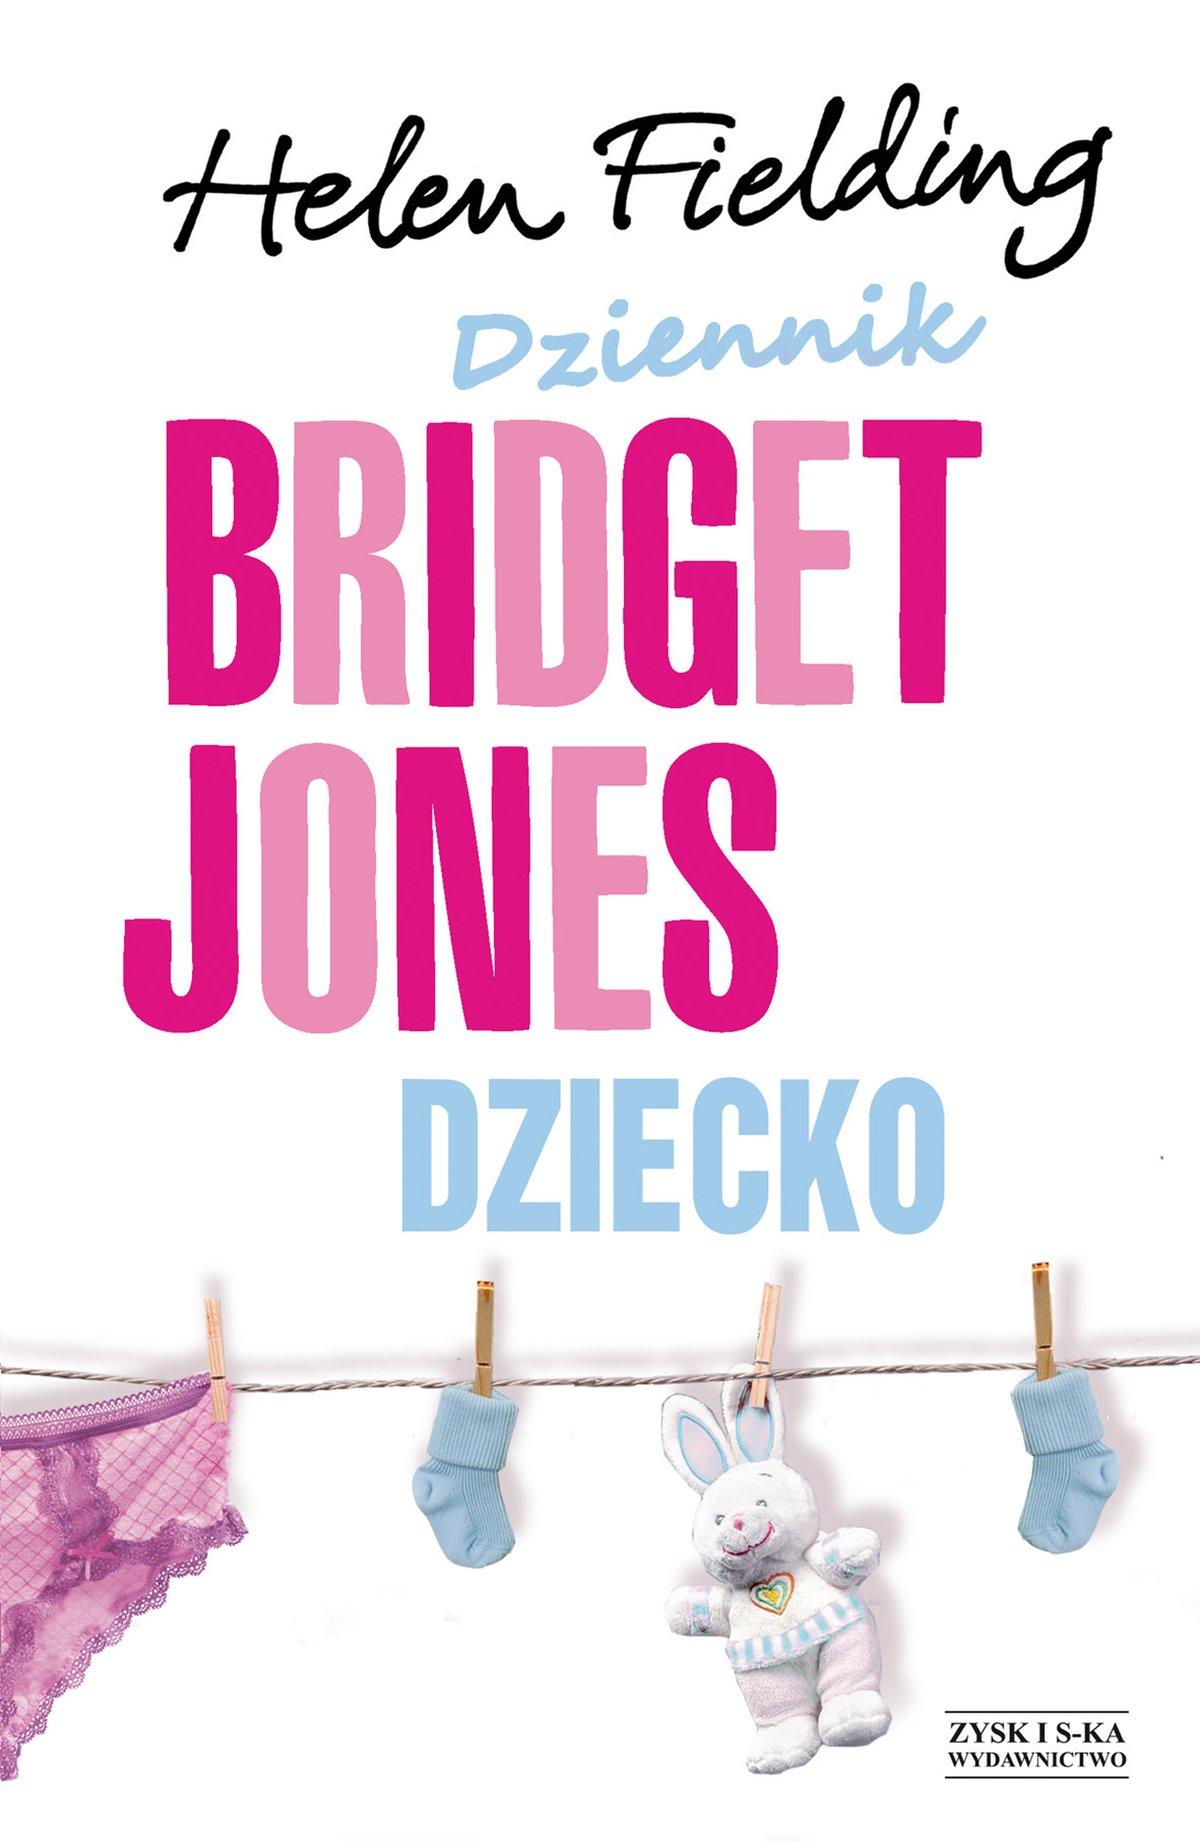 Dziennik Bridget Jones. Dziecko - Ebook (Książka EPUB) do pobrania w formacie EPUB